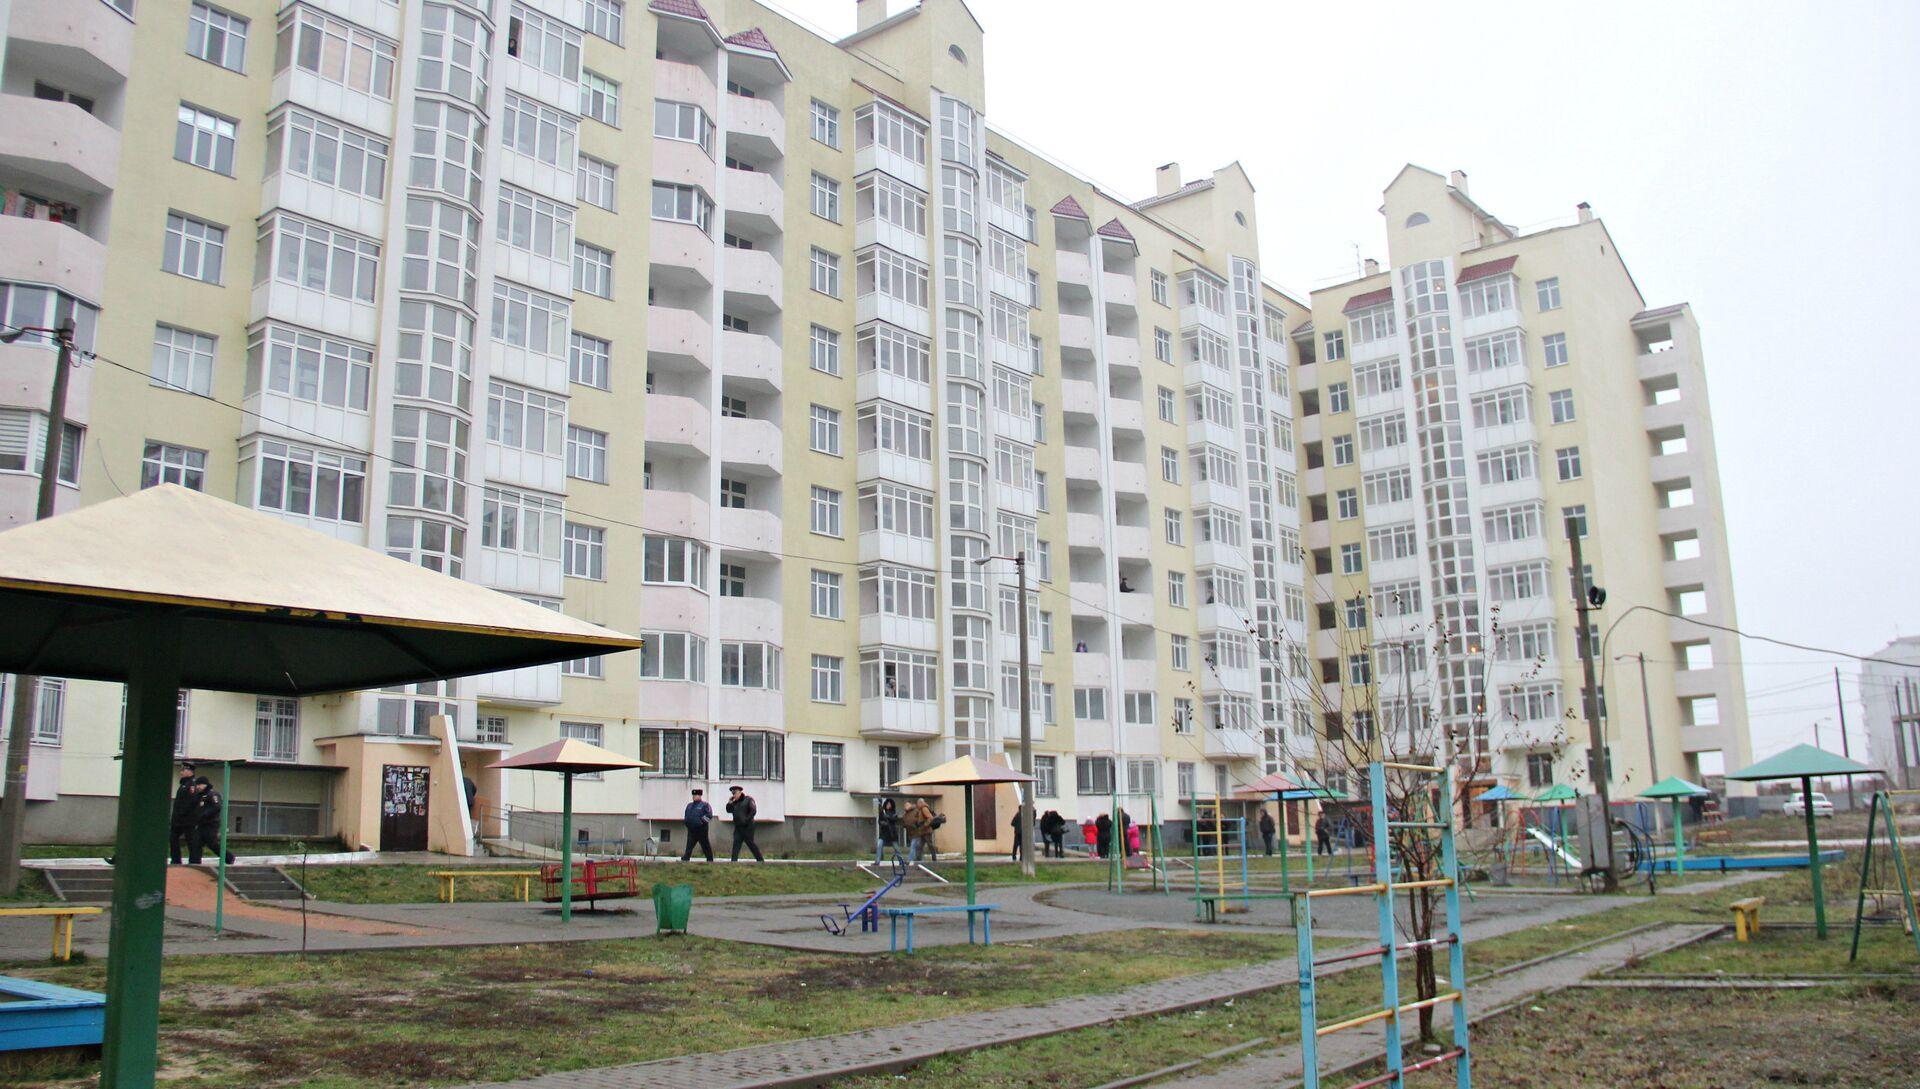 Дом в Симферополе, в котором получили квартиры семьи из числа реабилитированных - РИА Новости, 1920, 31.01.2020